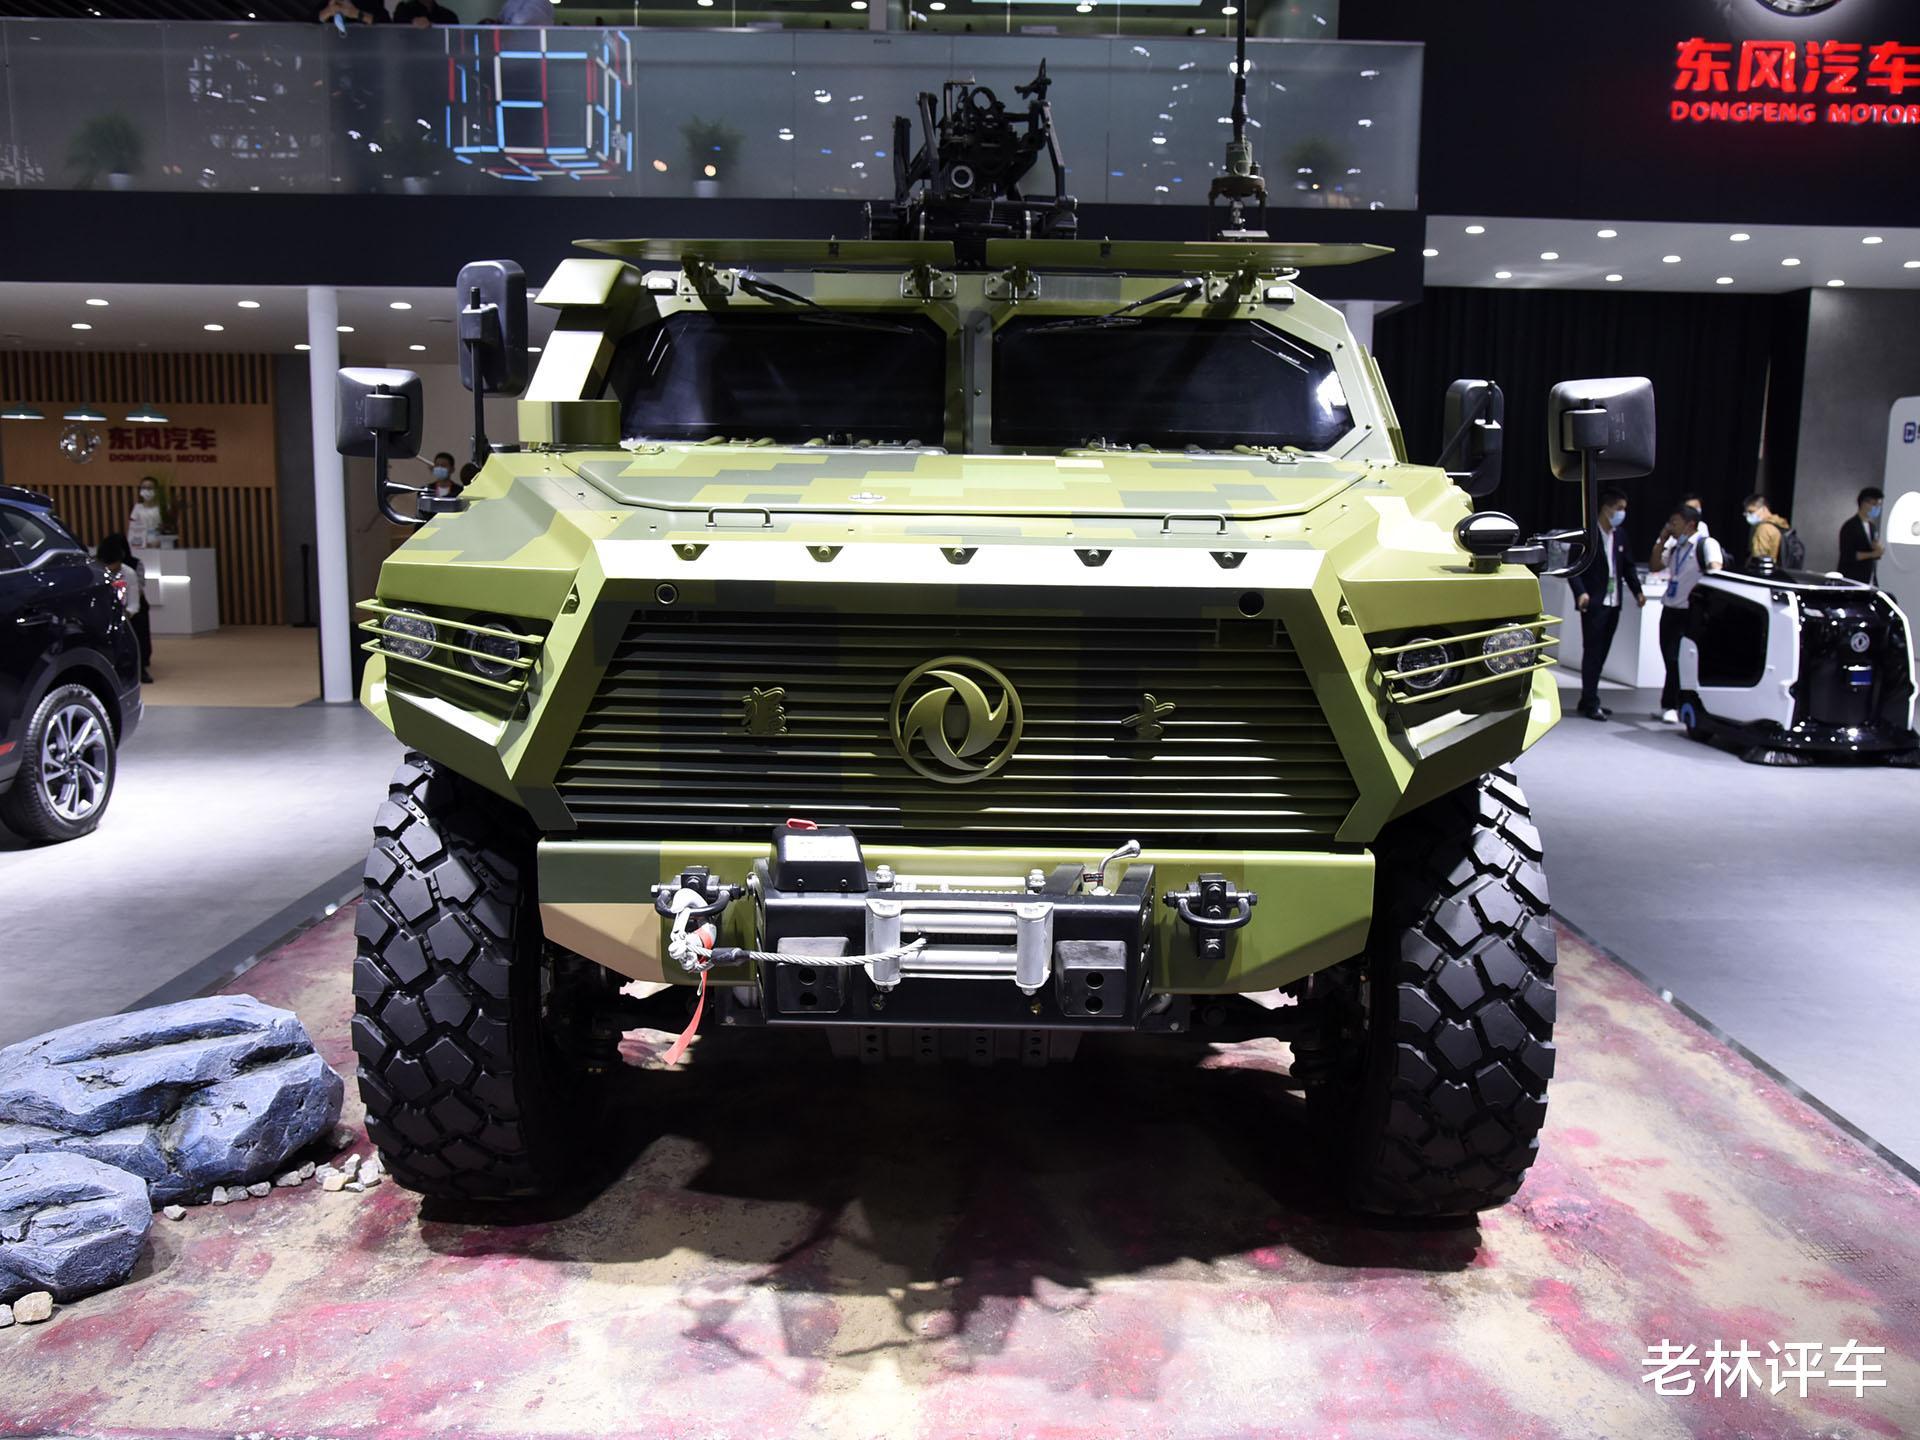 為瞭引起關註,東風直接把一輛4噸的軍用猛士擺上瞭北京車展展臺-圖3